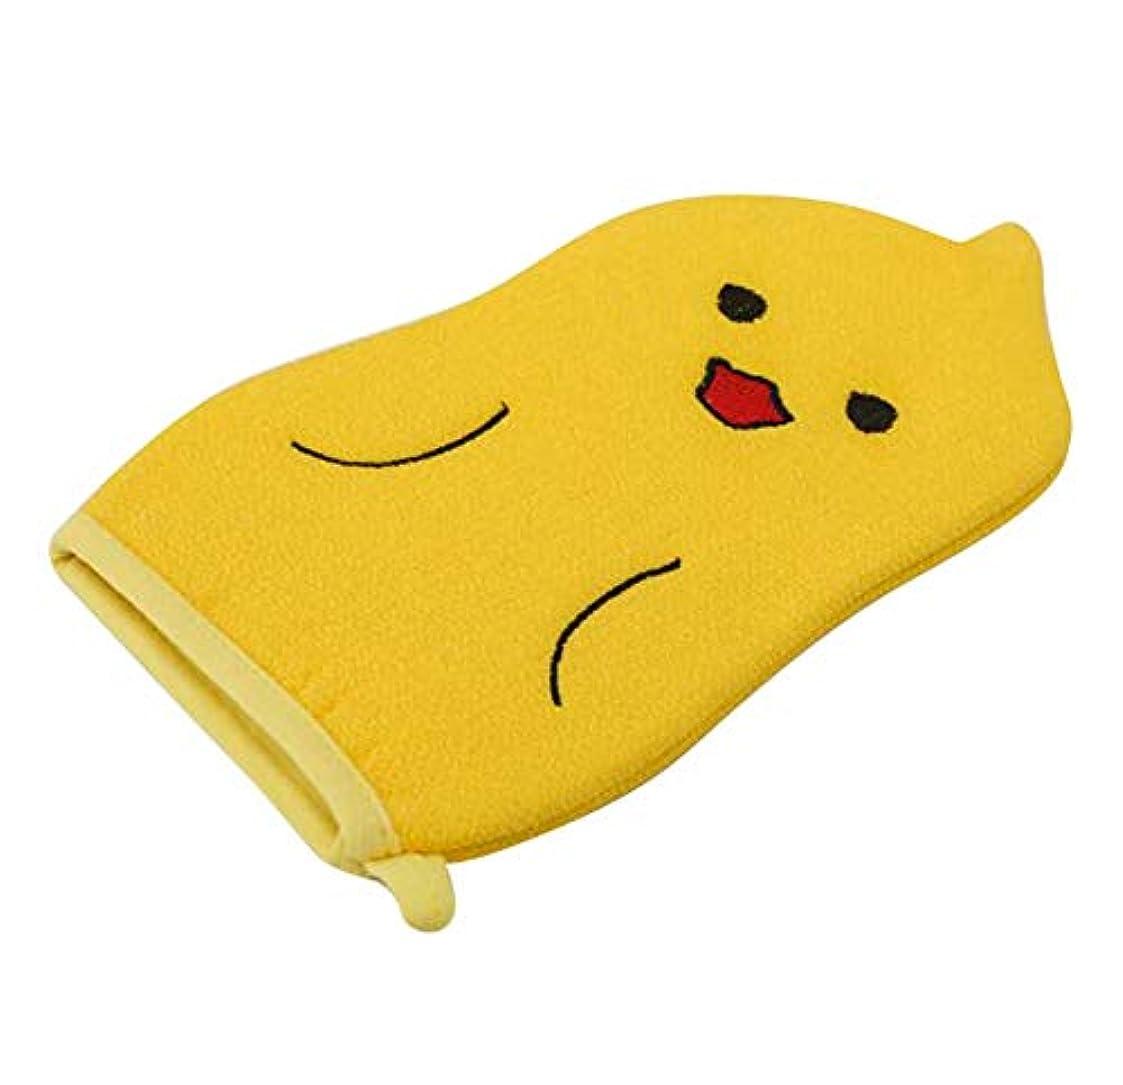 スロープ熱望する改善する子供用バスタオル、赤ちゃんかわいい漫画角質除去バス手袋、C01